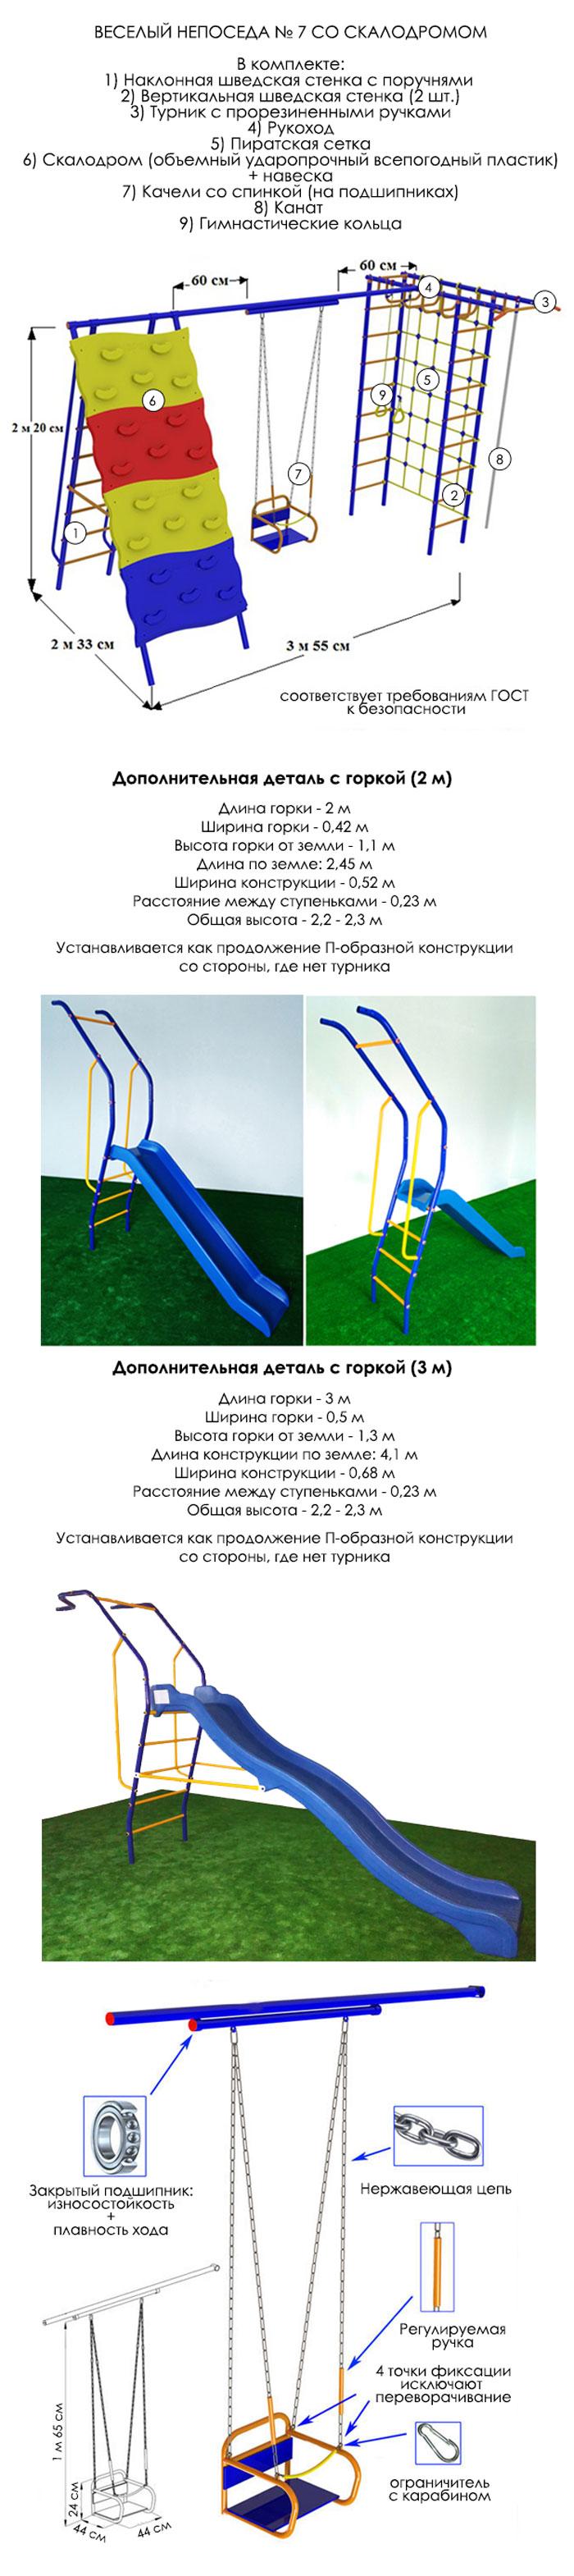 Характеристики детского комплекса для дачи из серии Веселый непоседа Модель номер 7 с качелями на цепях и подшипниках со спинкой, скалодромом и выдвижным турником